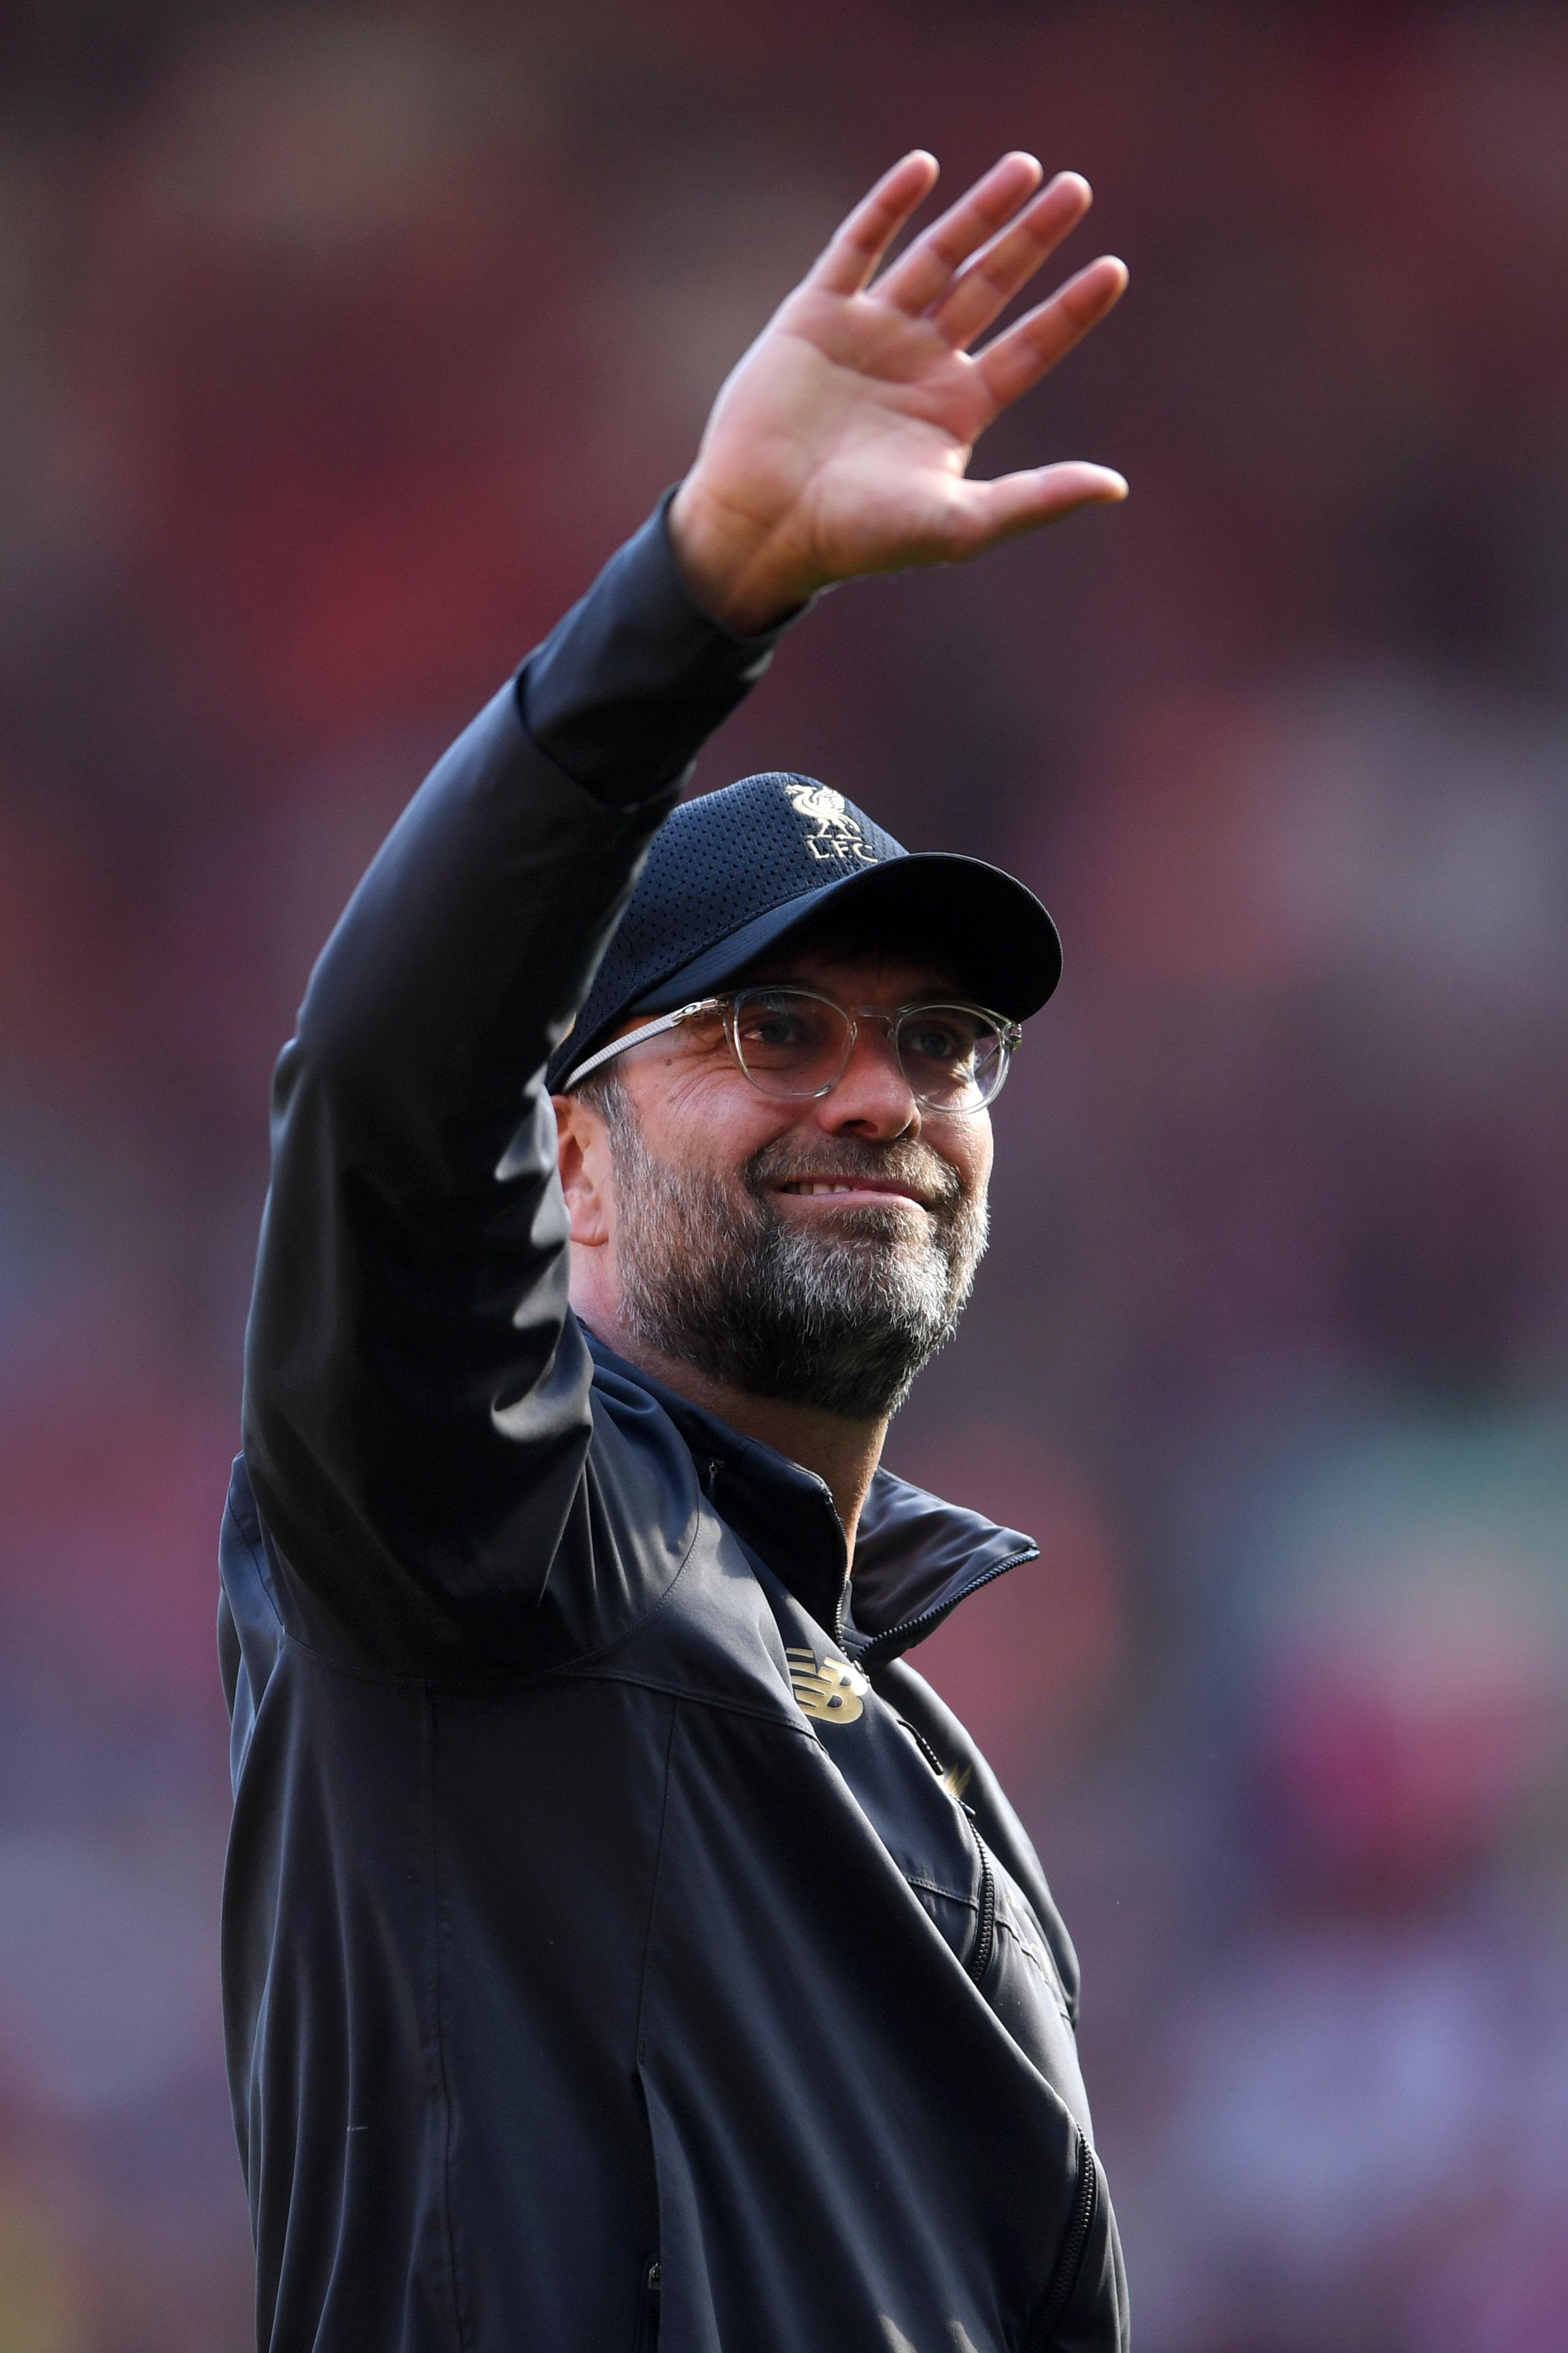 英超第38轮大结局 曼城卫冕成功 利物浦97分排第2